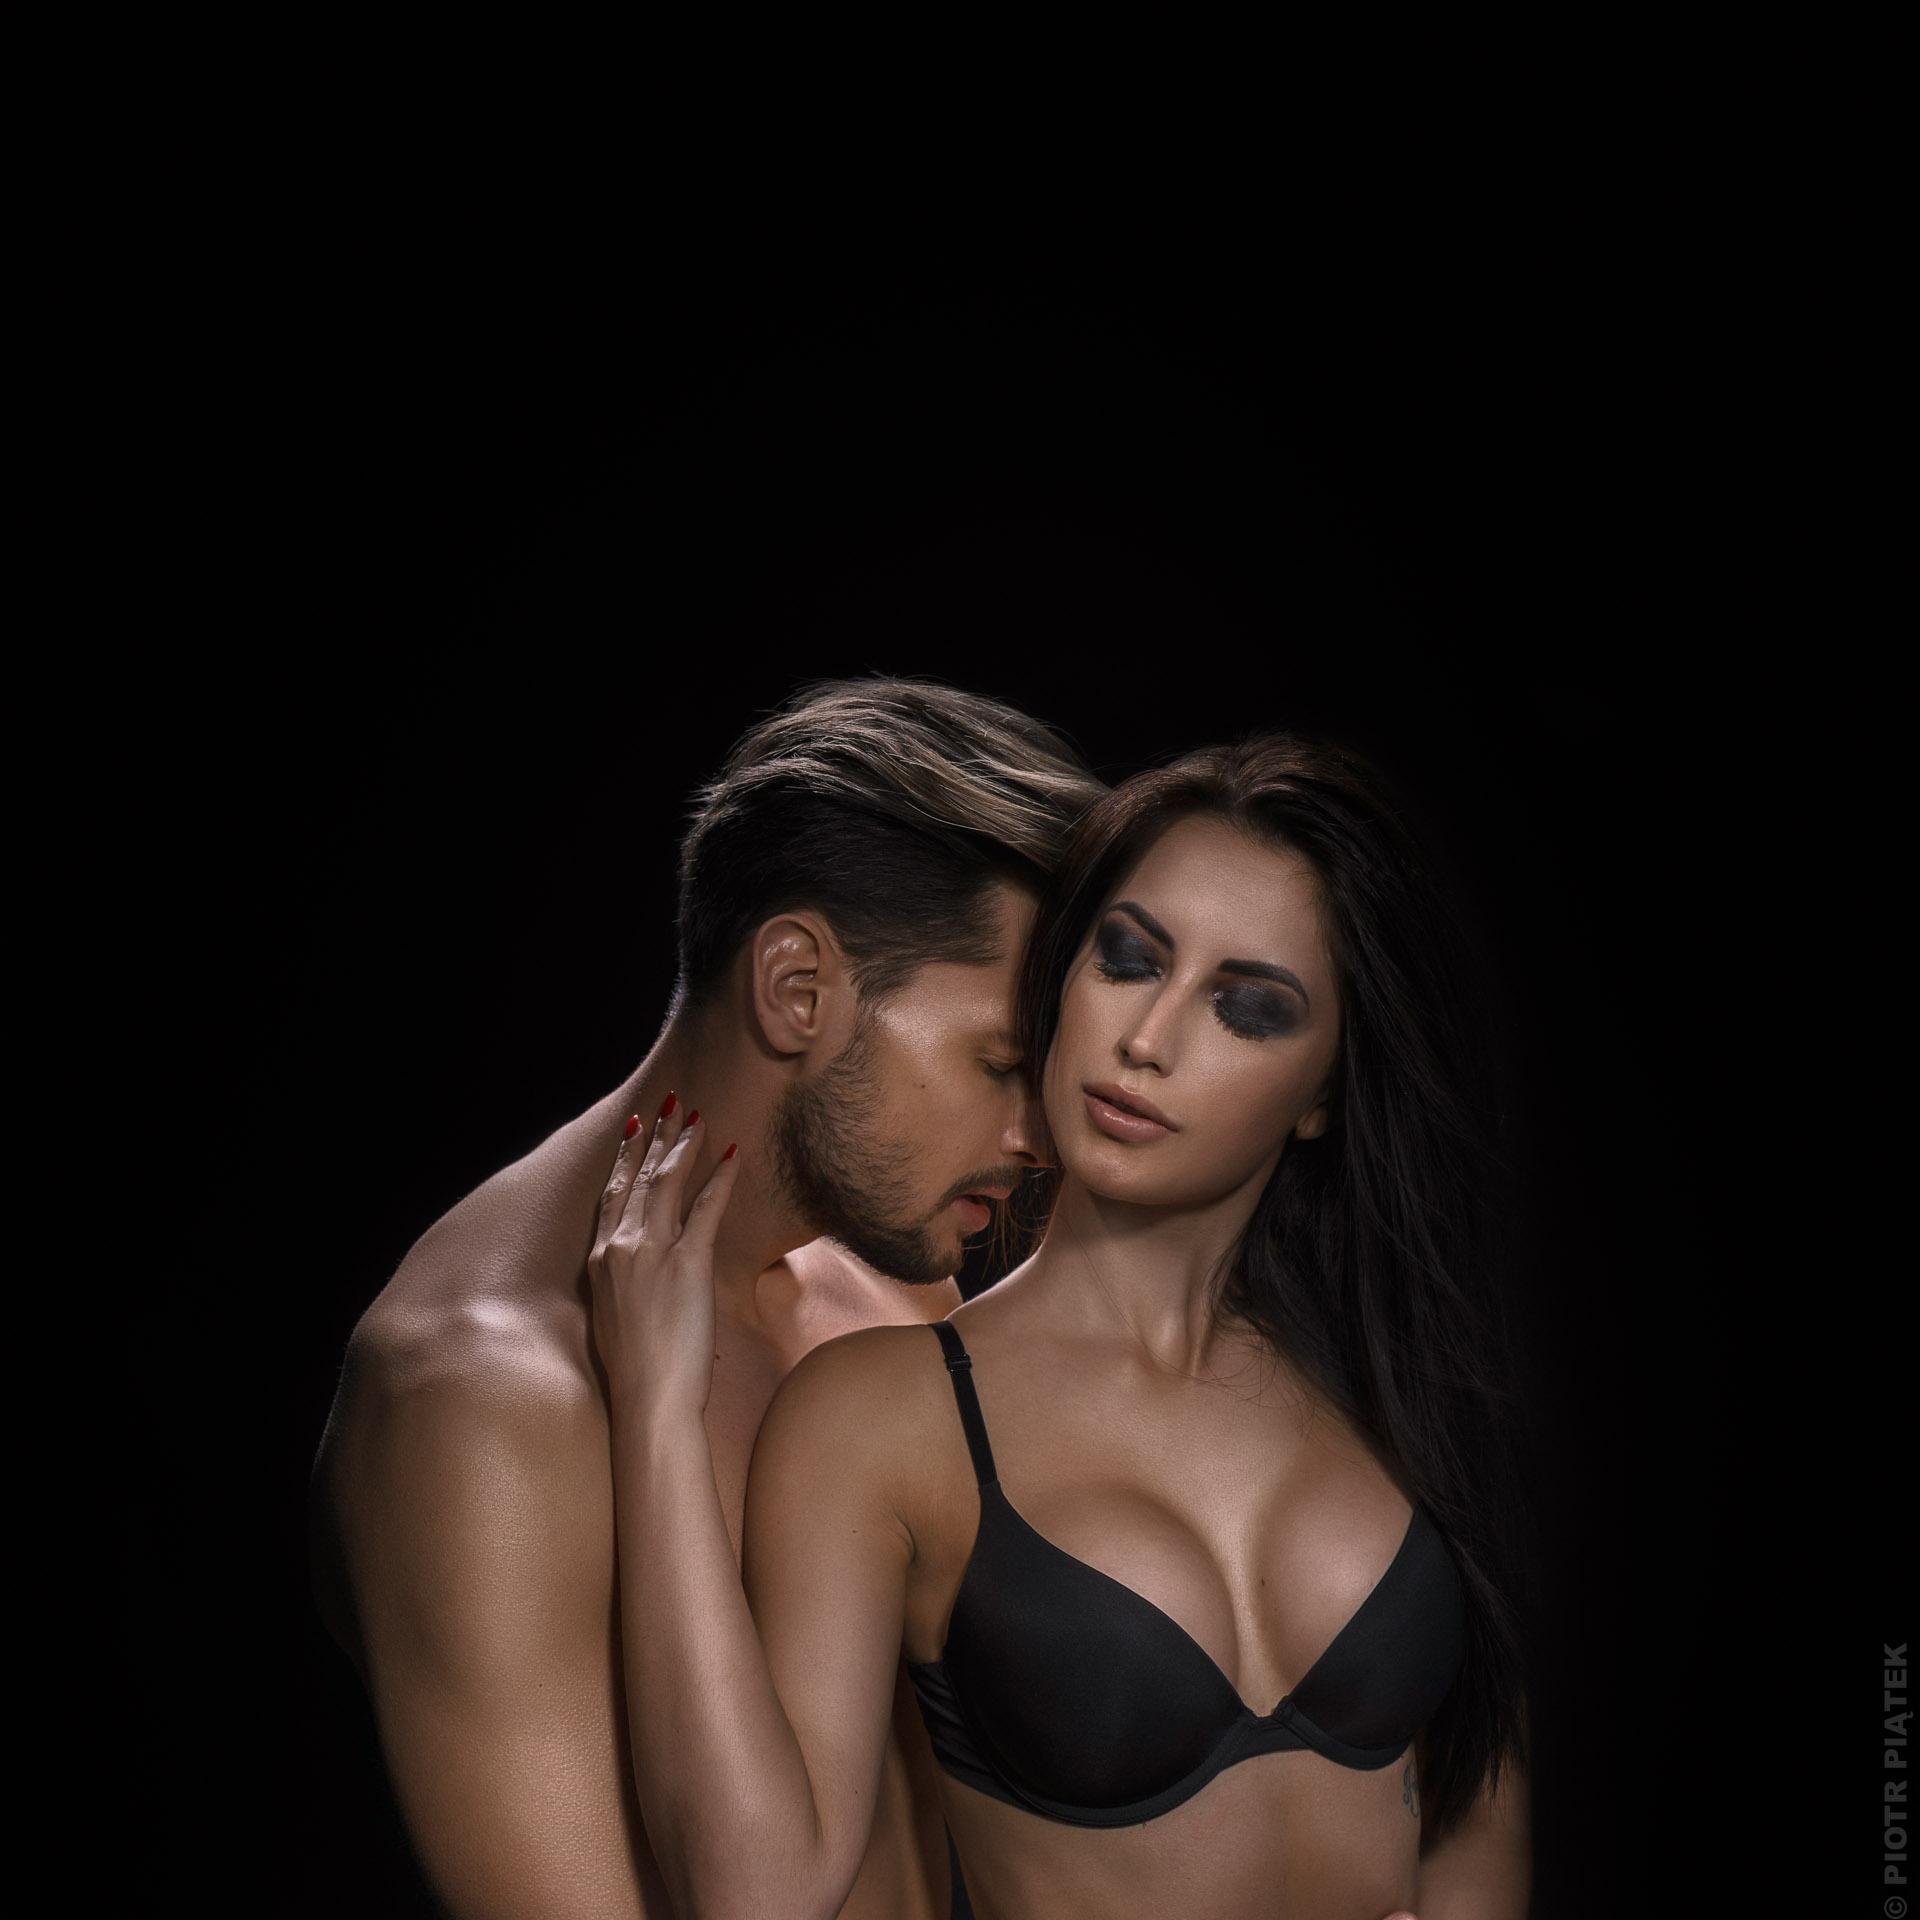 model: Kamil Niziński & Karolina Czyżowska